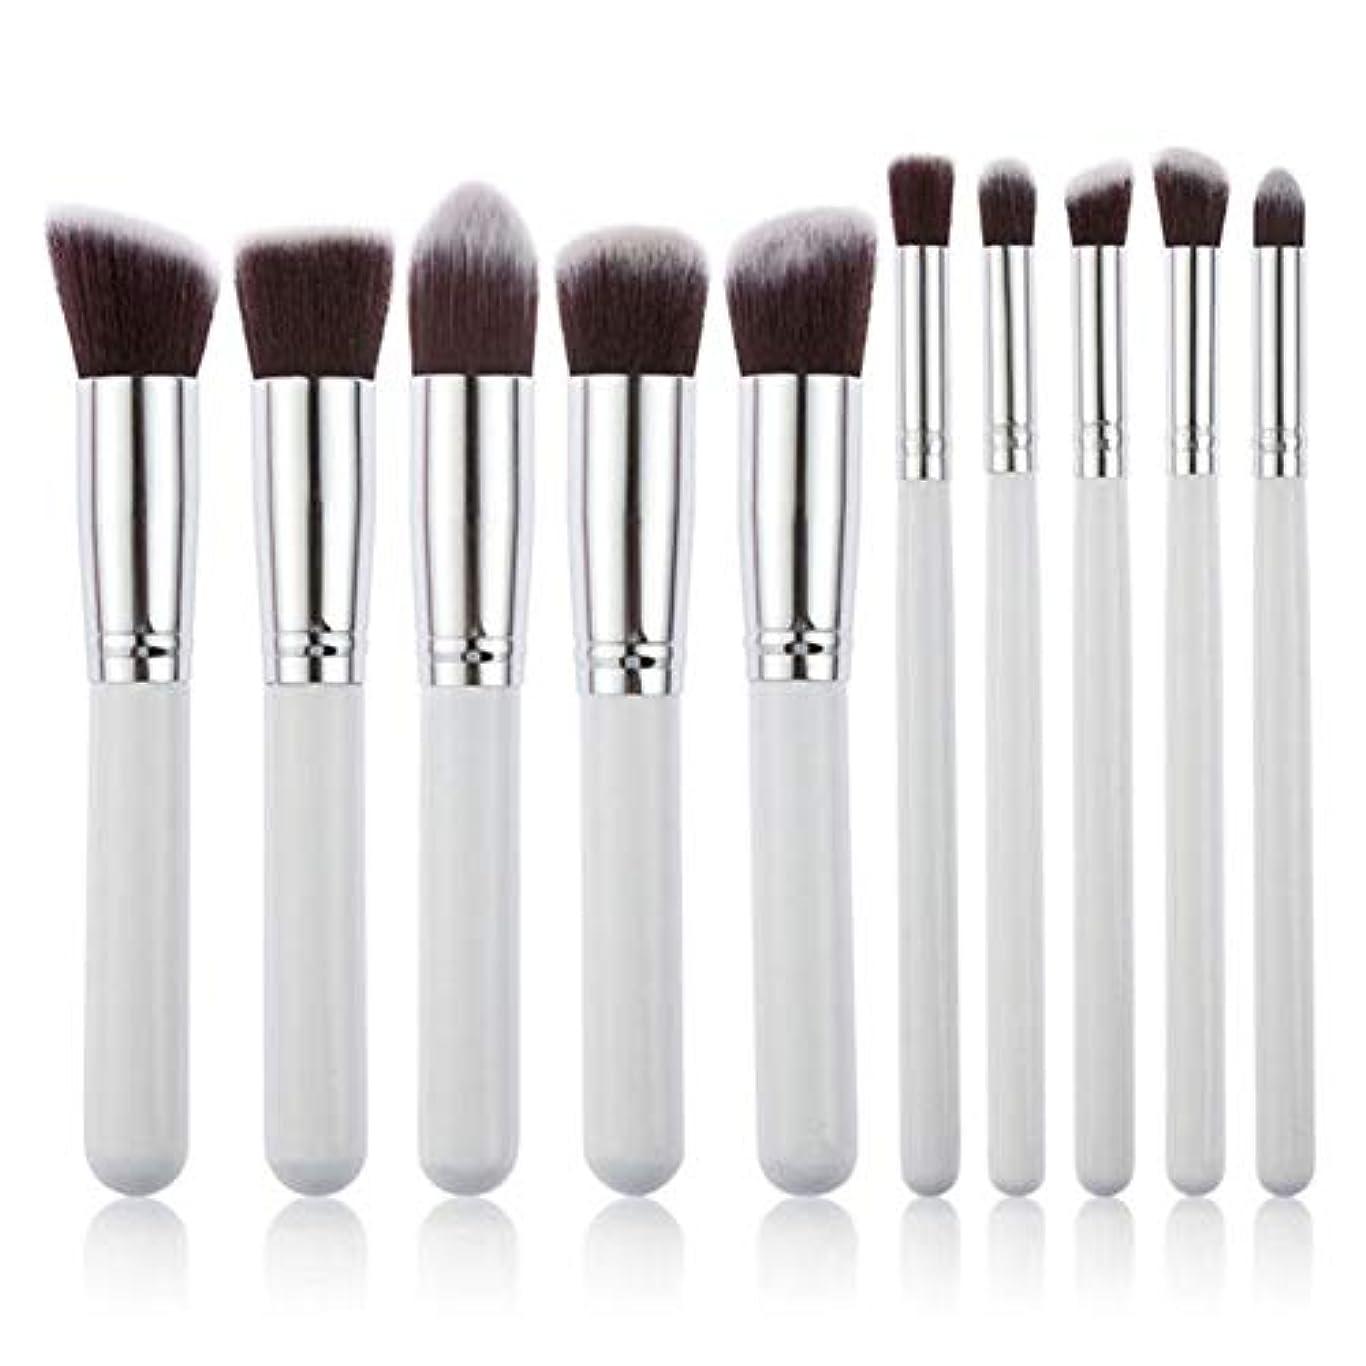 鋸歯状古代しかしながらMakeup brushes 10ピースWhiteMakeupブラシセットモダンスラックパウダーブラシアイシャドウブラシコンターブラシ suits (Color : White Silver)